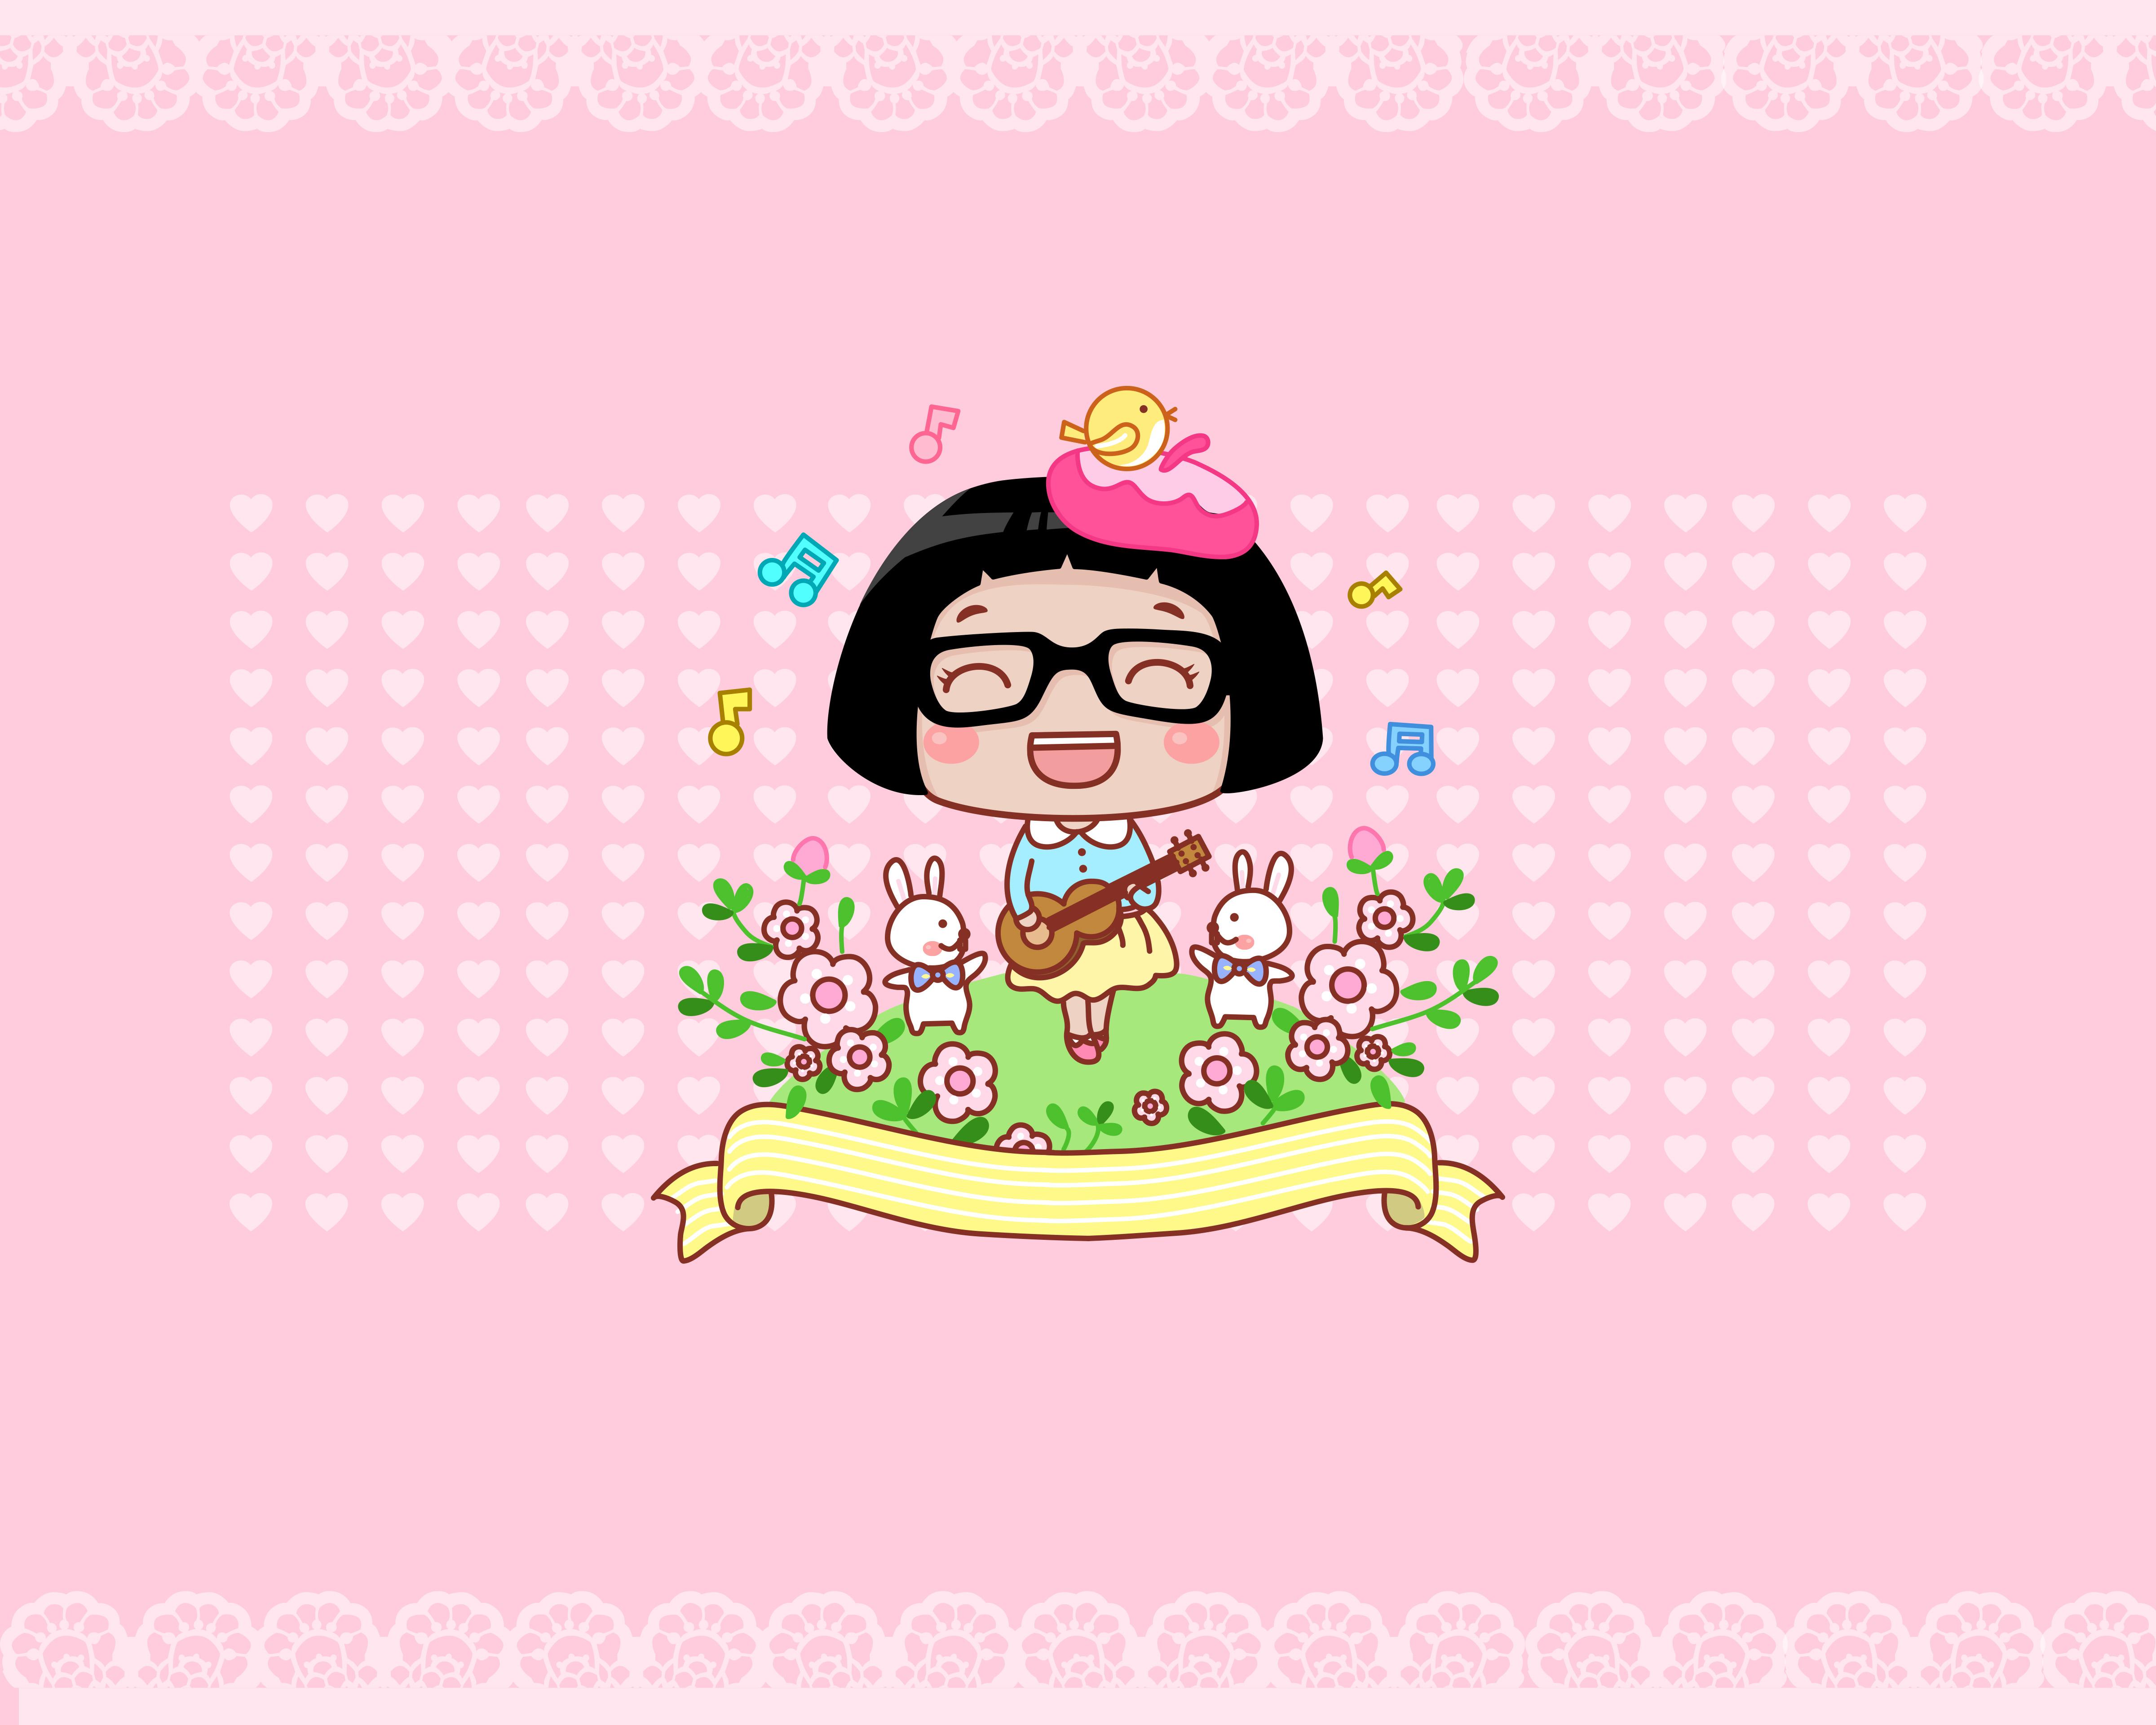 hello菜菜可爱卡通图片